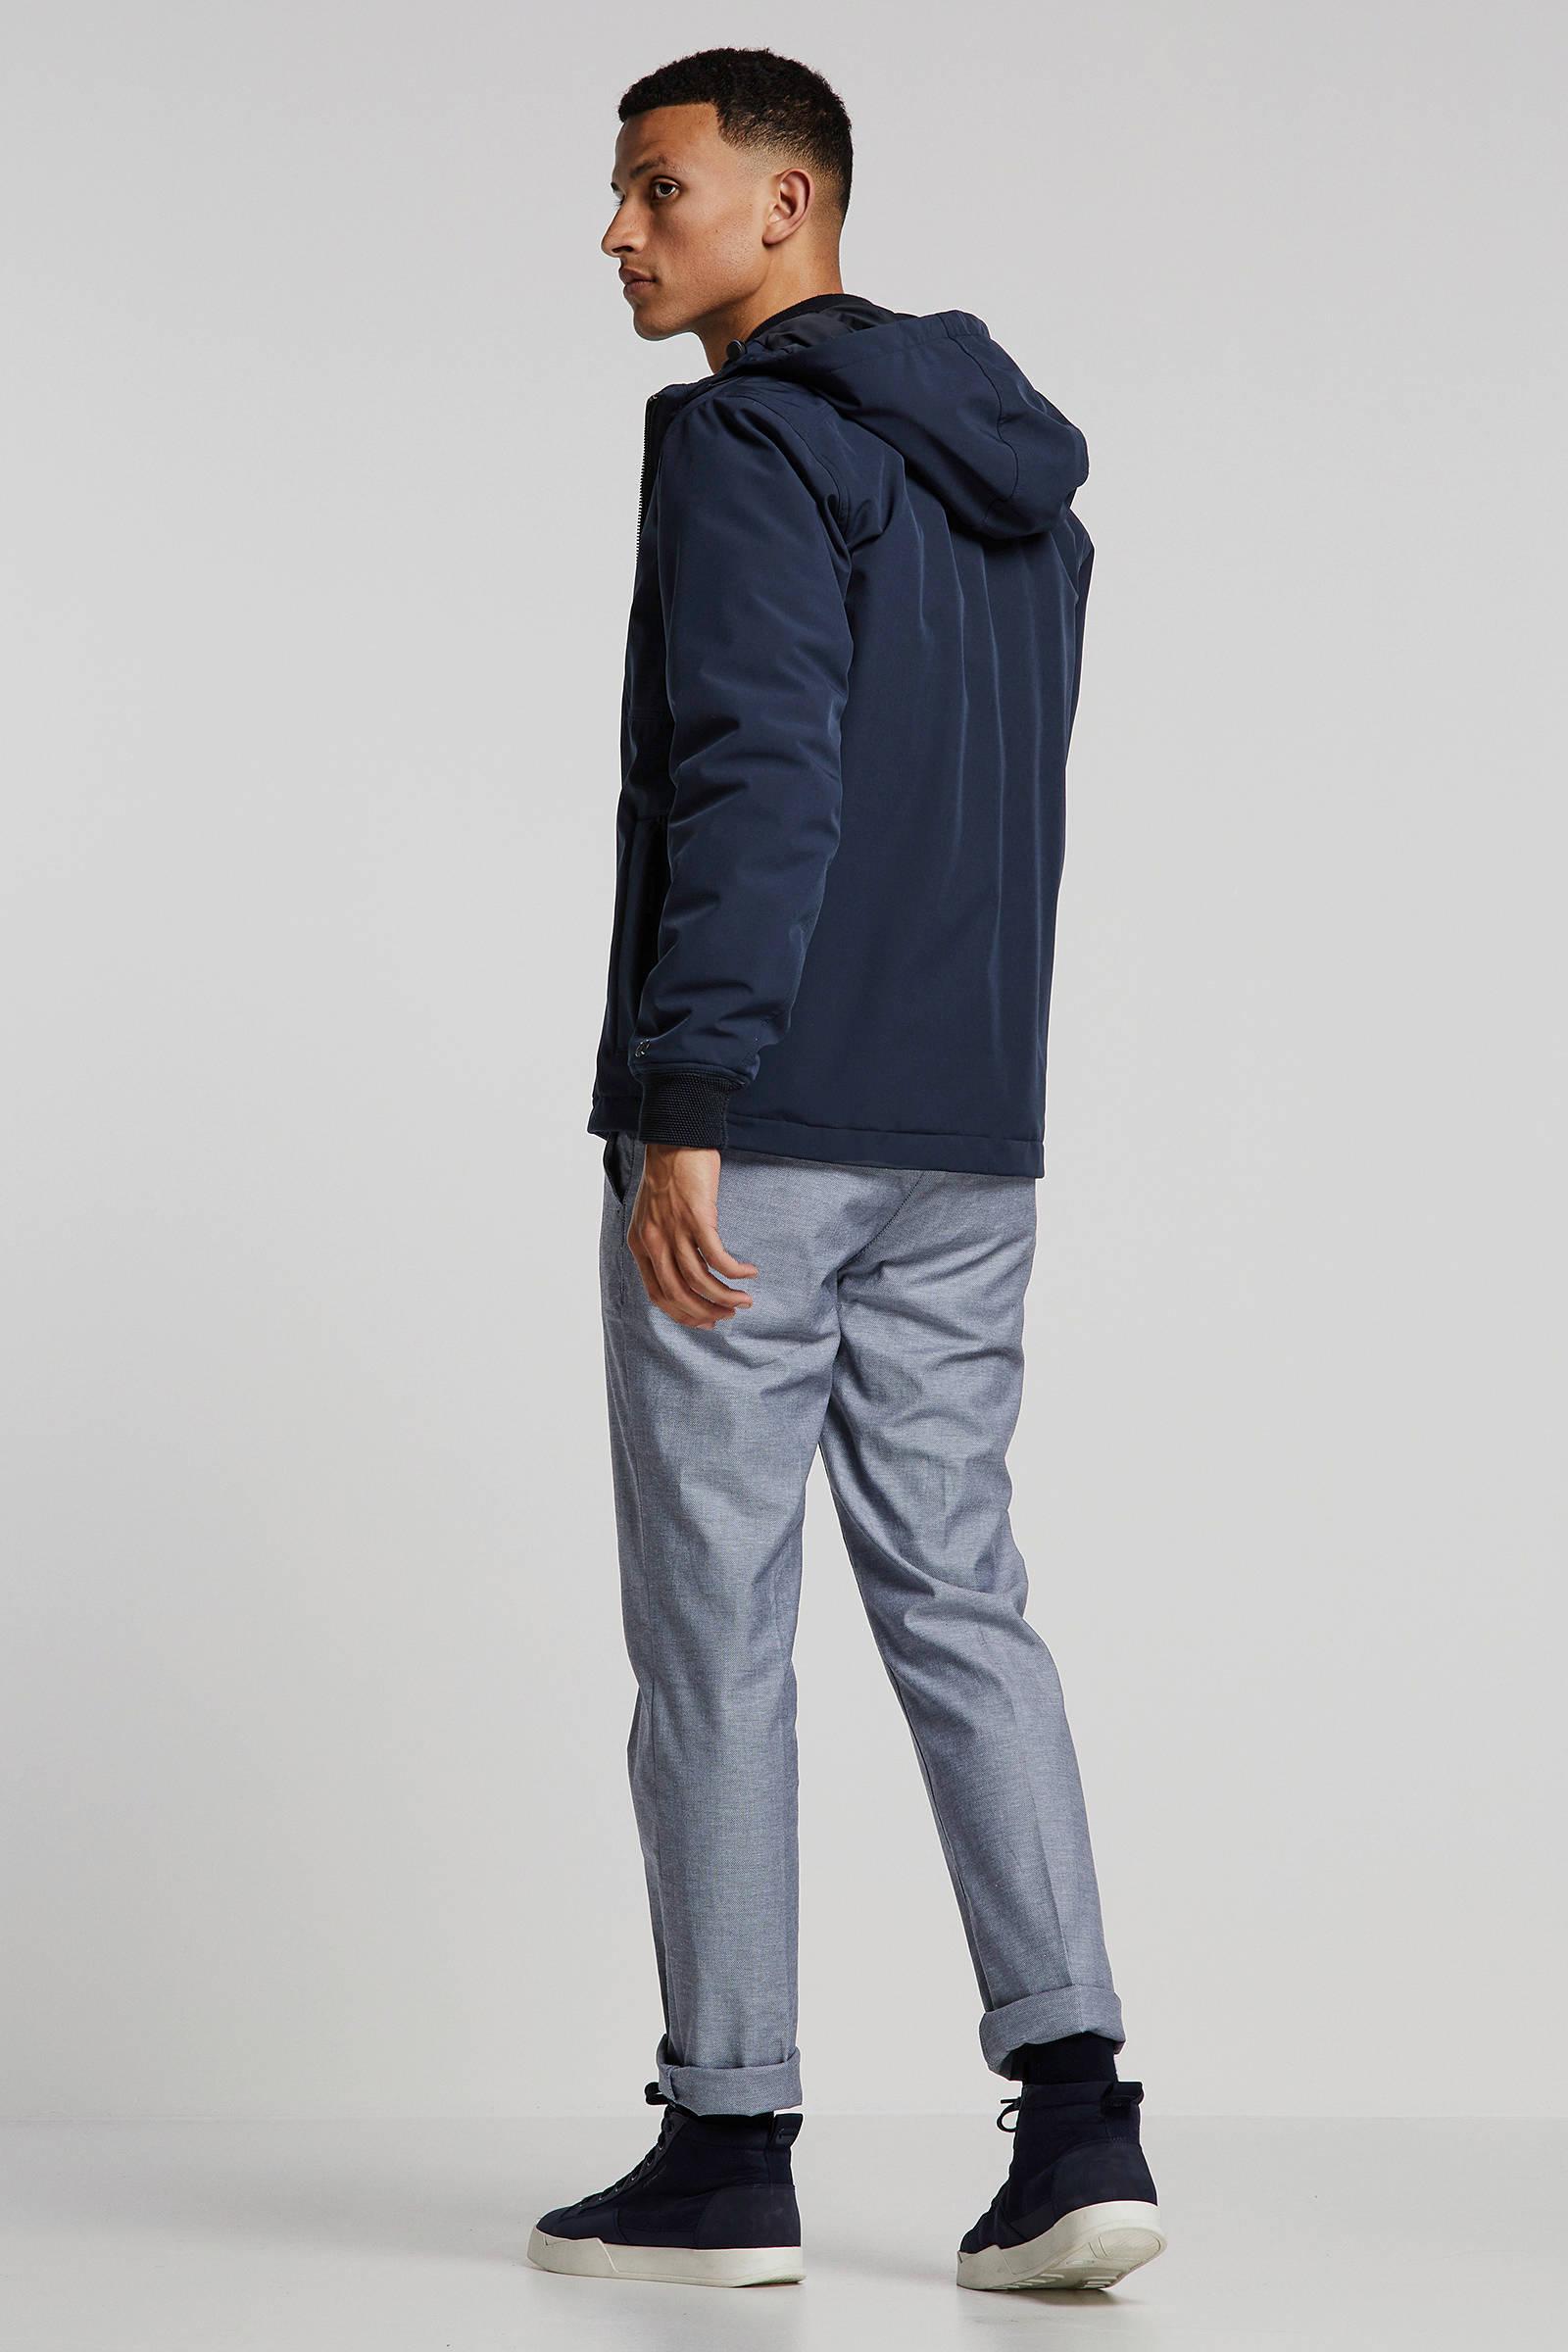 Cast Iron winterjas donkerblauw   wehkamp